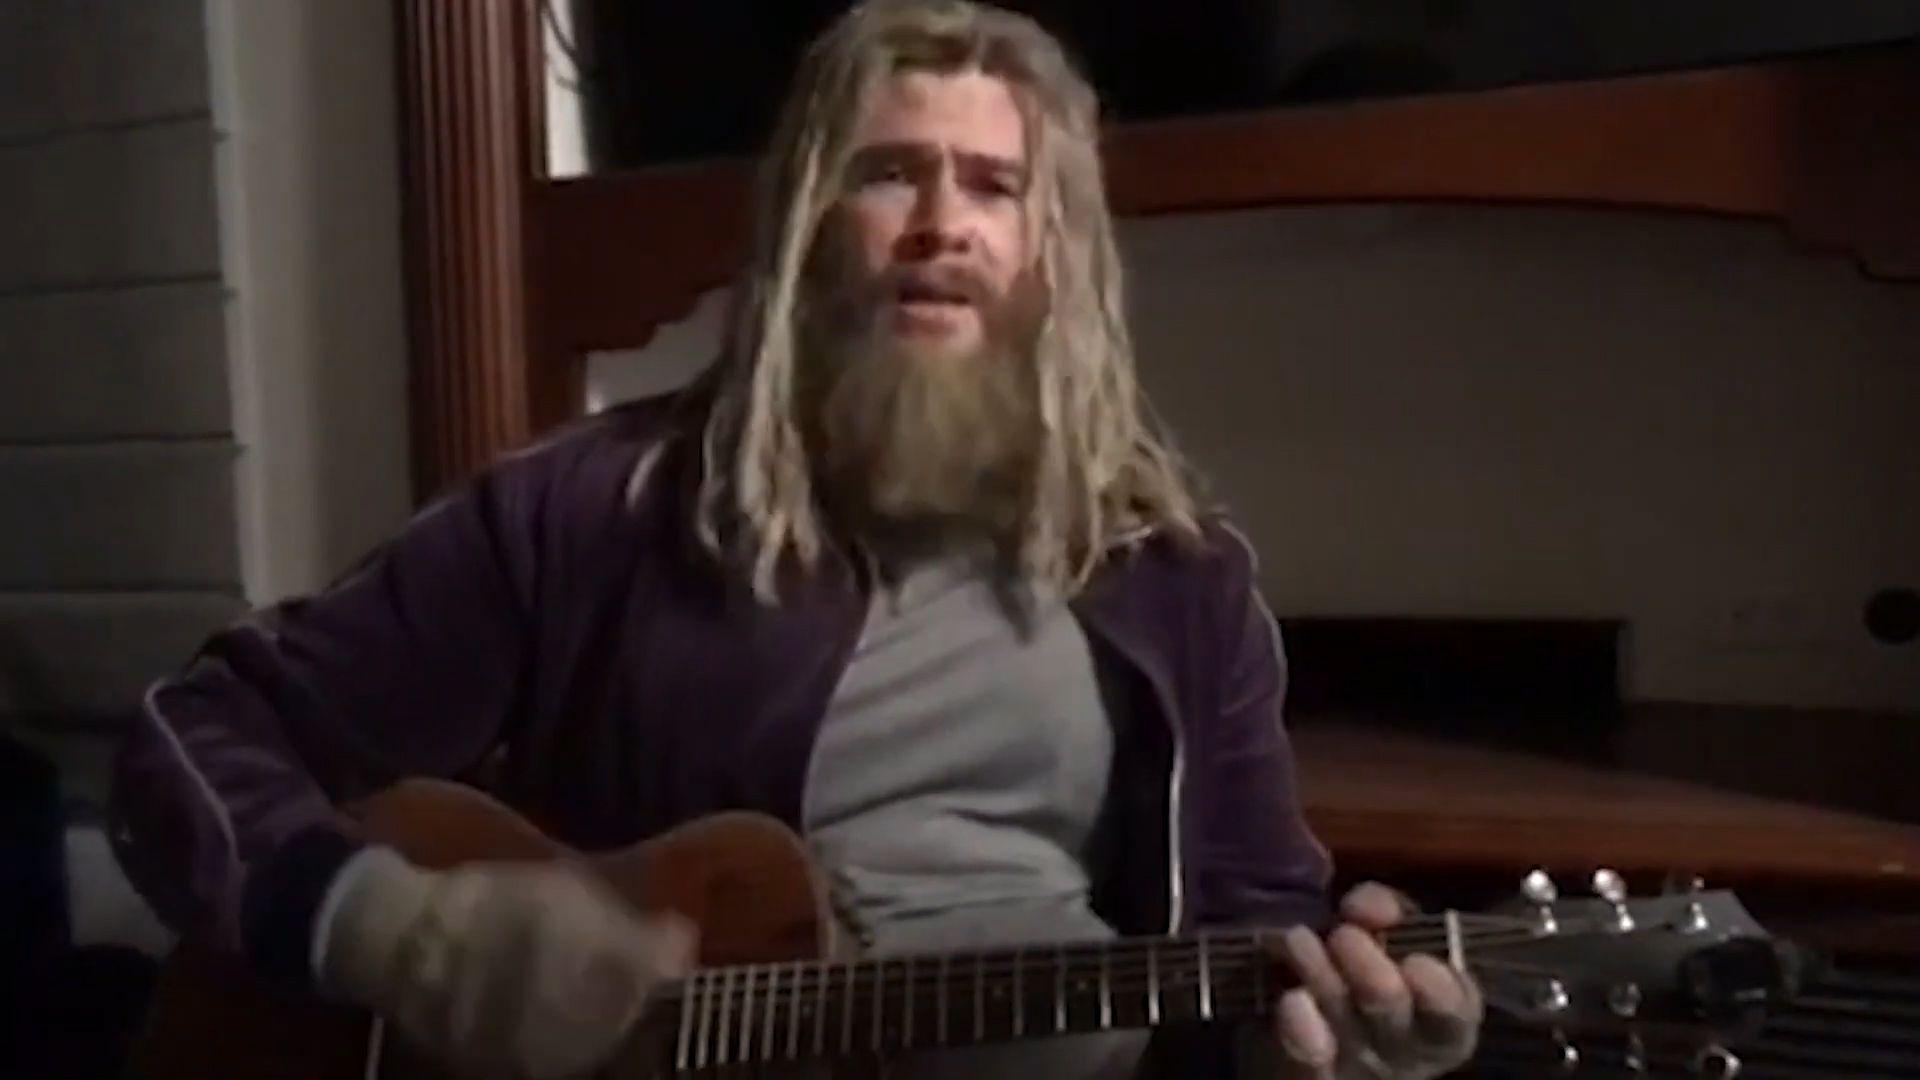 """El actor australiano estuvo de invitado en el programa """"The Tonight Show con Jimmy Fallon"""", donde dio a conocer un clip en el que lució su """"terrible"""" talento para cantar y tocar la guitarra. (Foto: captura de pantalla)"""